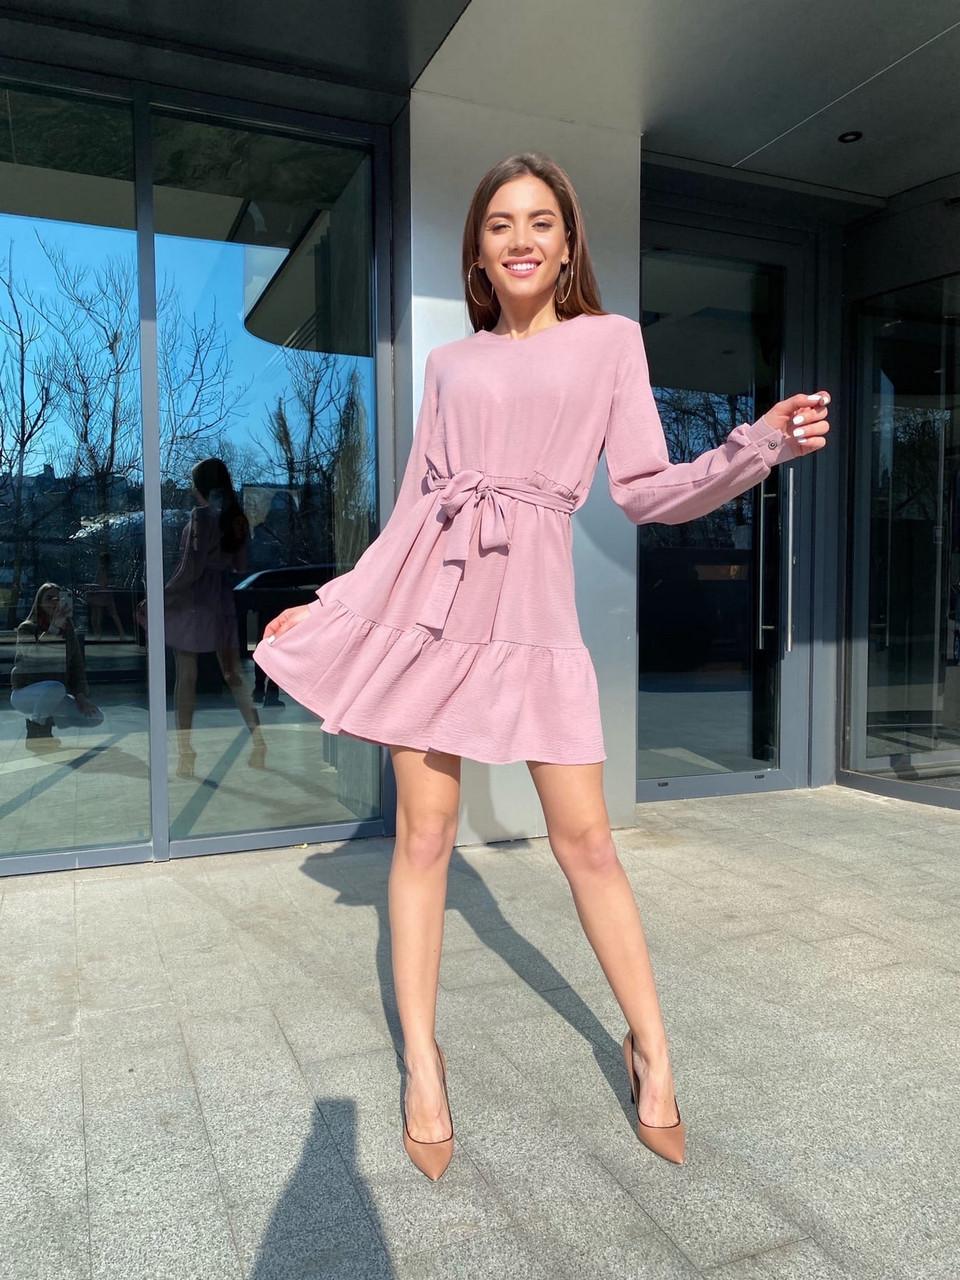 Вільне плаття з довгим рукавом, спідниця з широким воланом, 00745 (Пудровий), Розмір 42 (S)